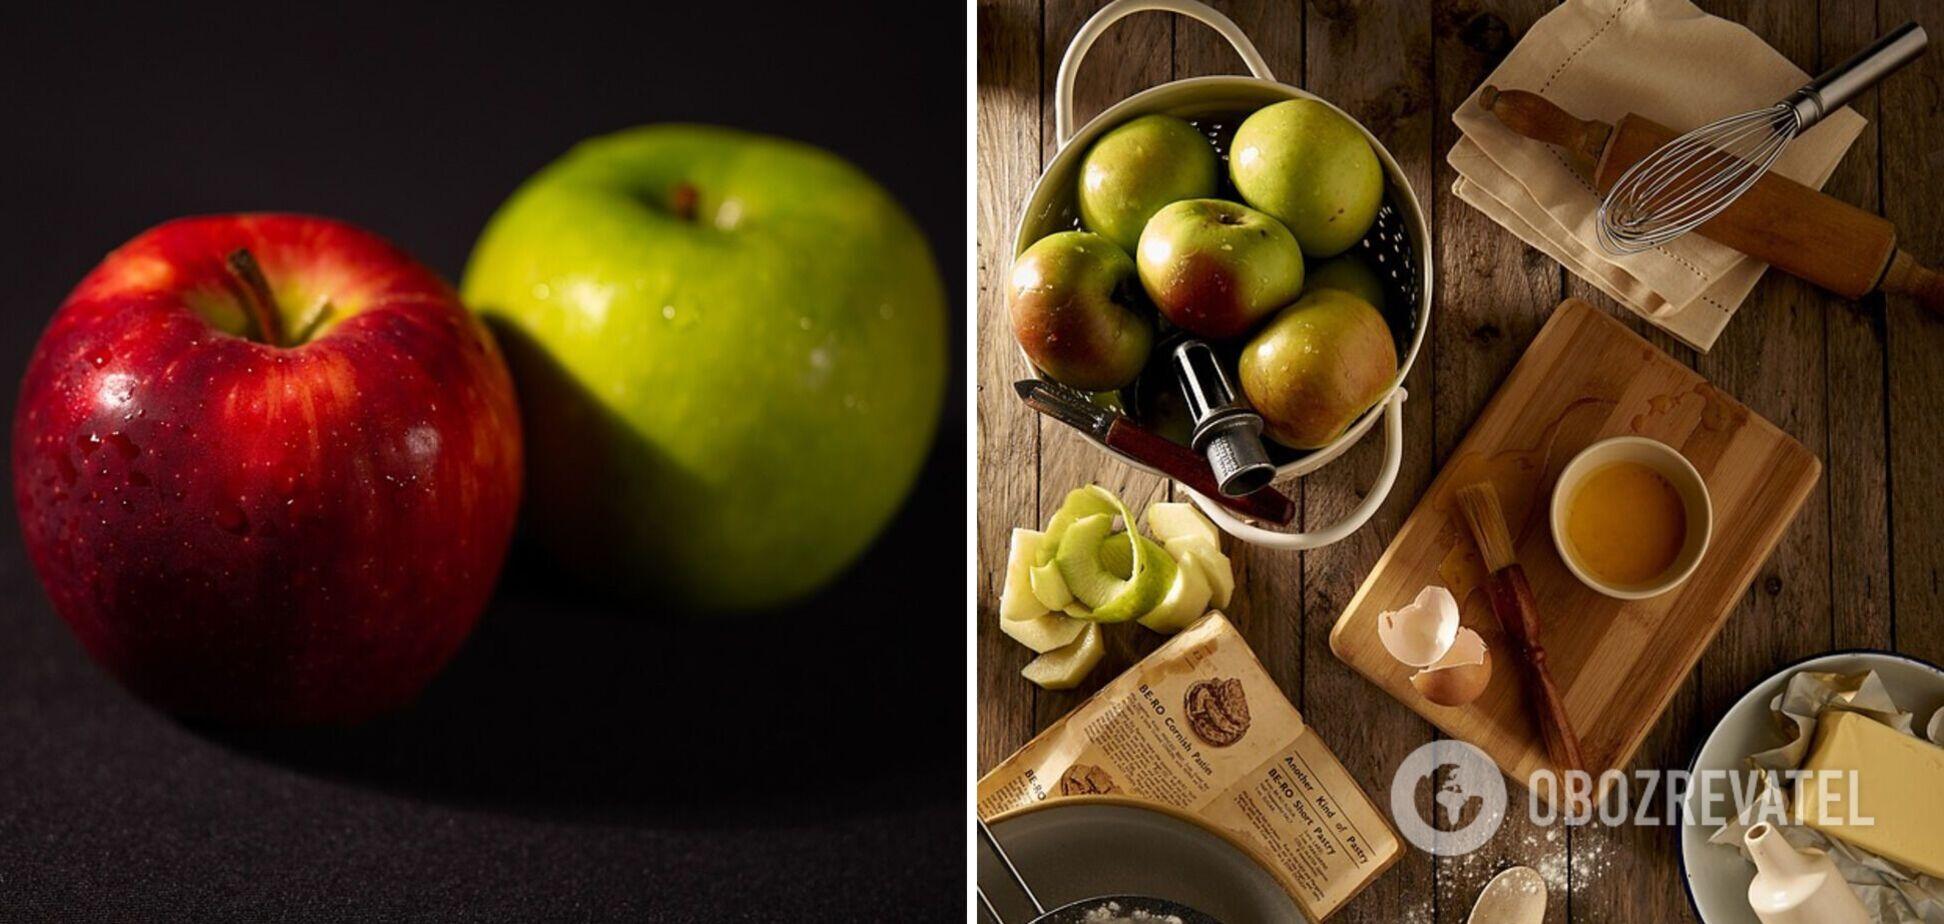 Які яблука корисніші – зелені чи червоні: експерт розвіяв міфи